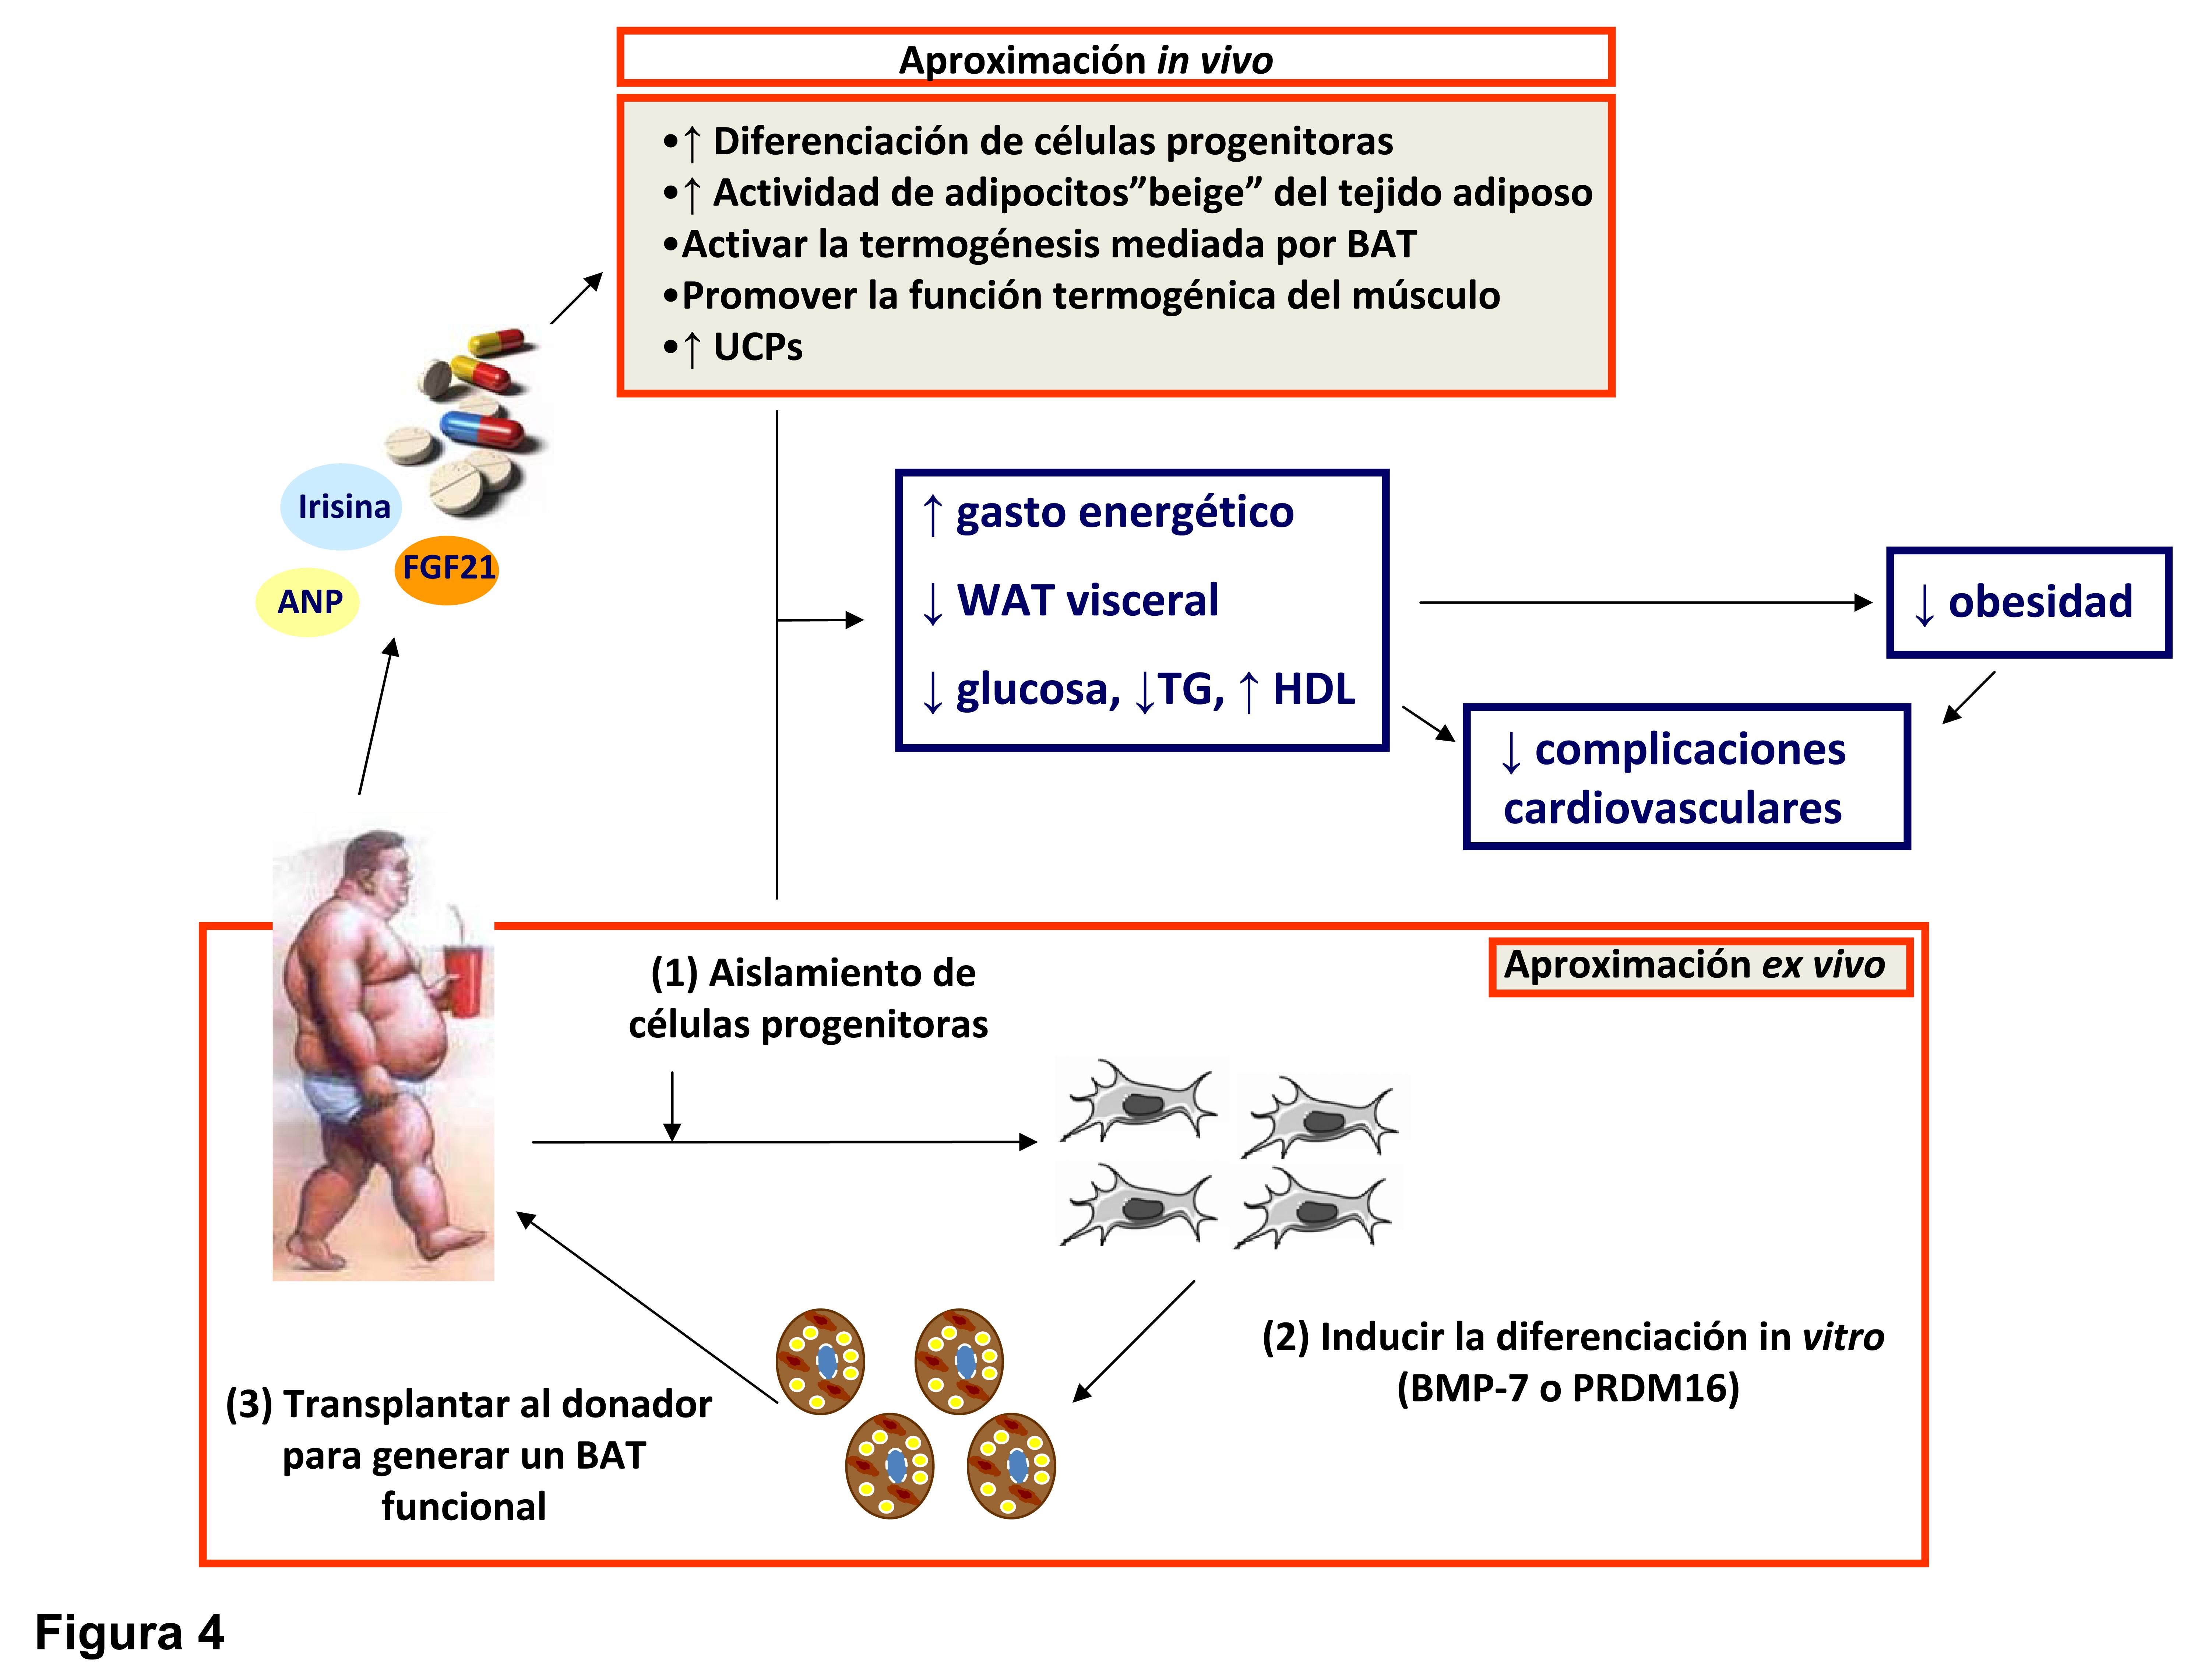 Papel de la resistencia selectiva a la leptina en la dieta inducida por la obesidad, la hipertensión